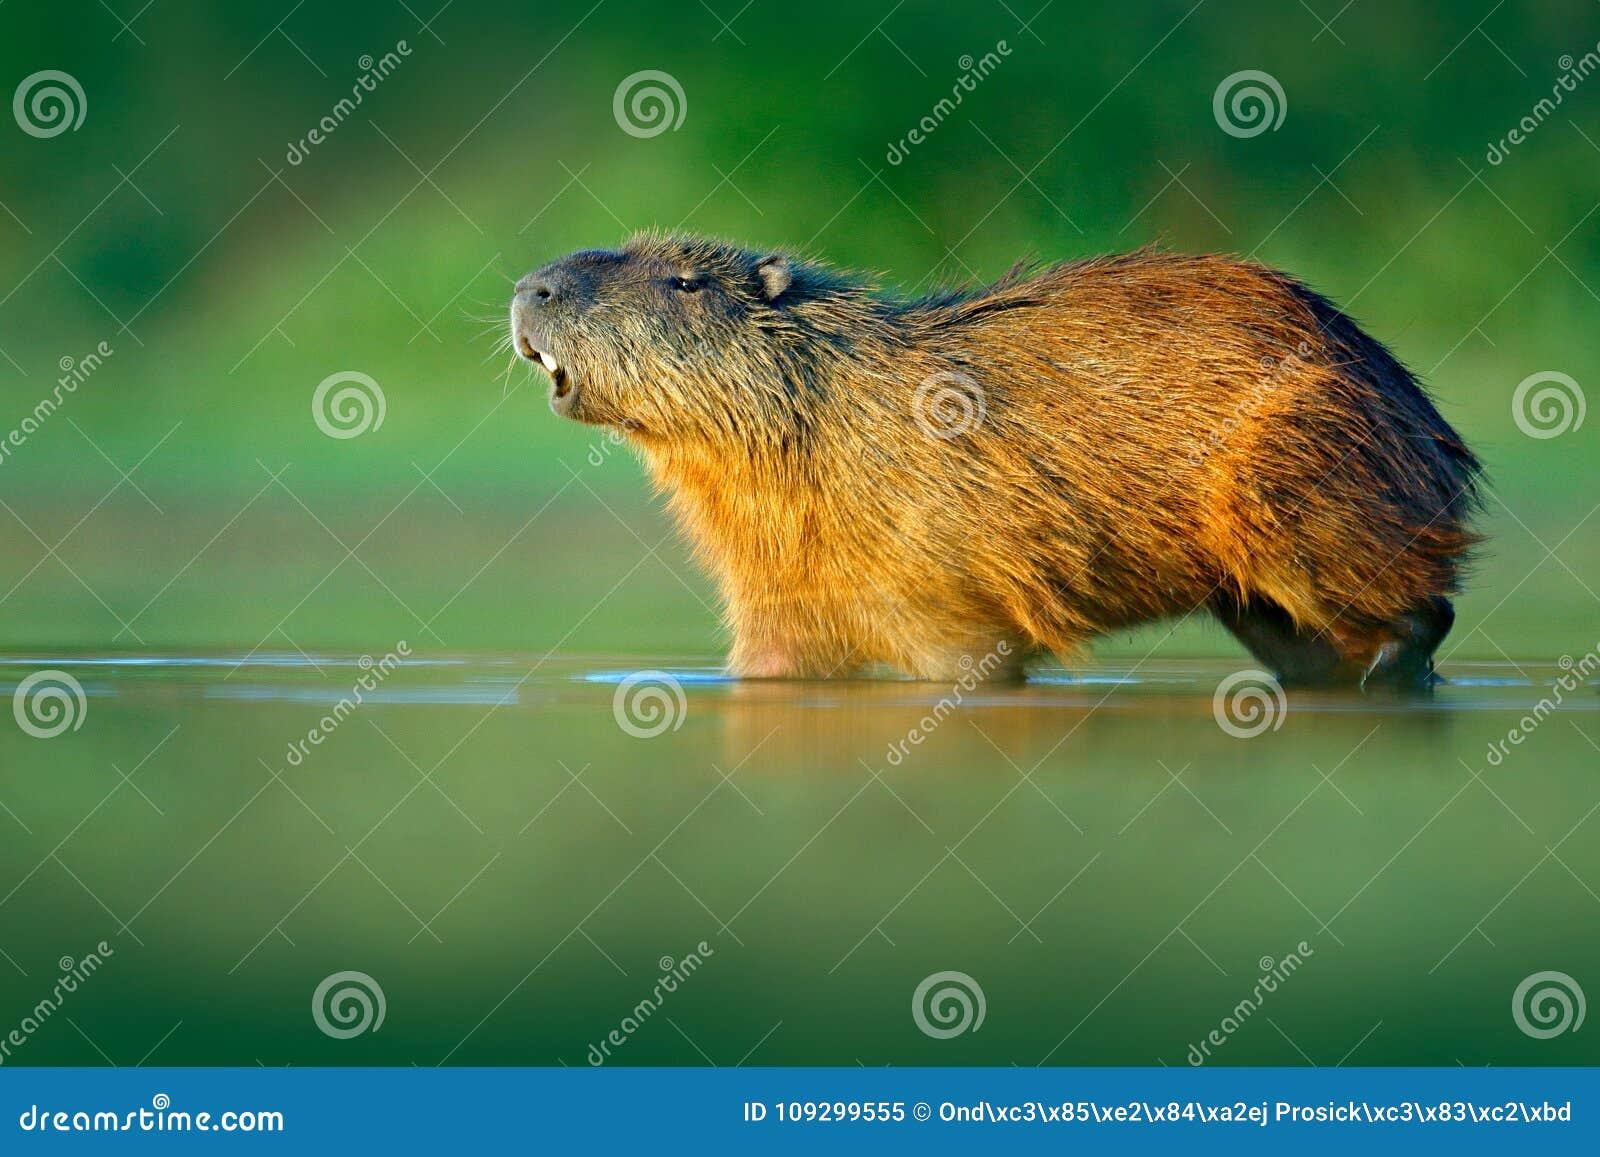 Capybara, Hydrochoerus hydrochaeris, größte Maus im Wasser mit Abendlicht während des Sonnenuntergangs, Pantanal, Brasilien Szene